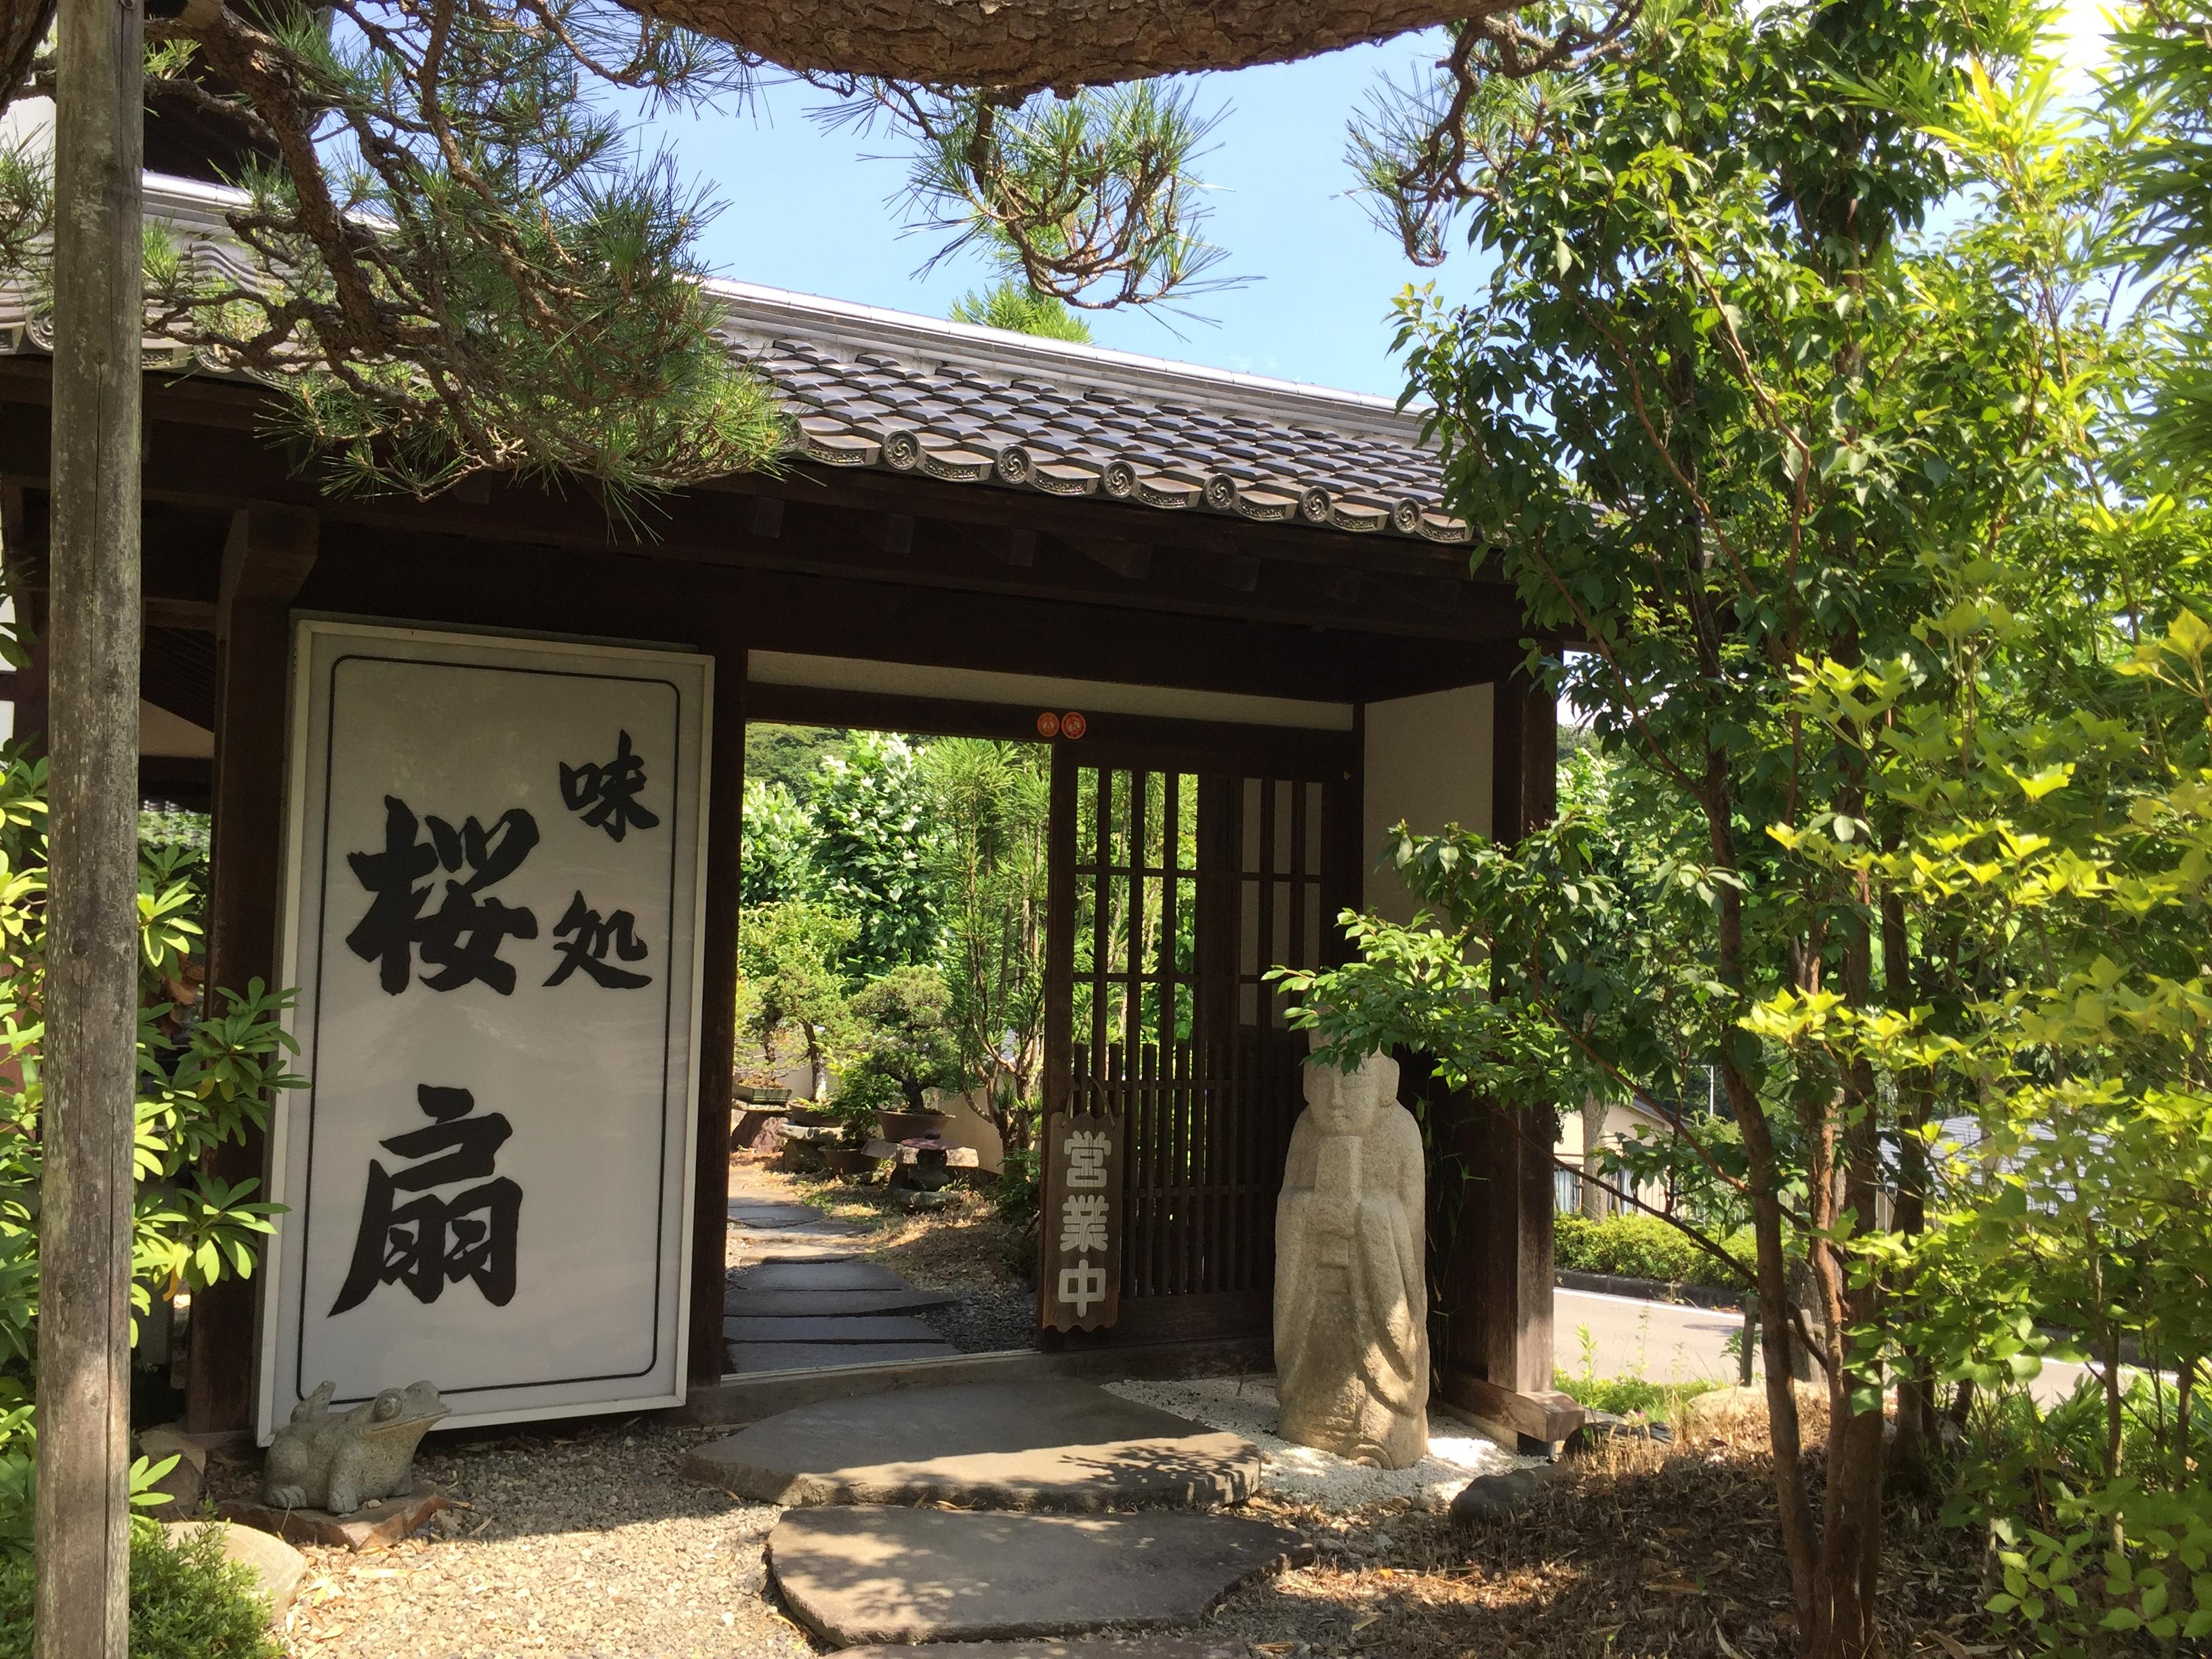 山梨県の和食ランチおすすめは?上野原市の桜扇へ行ってきました